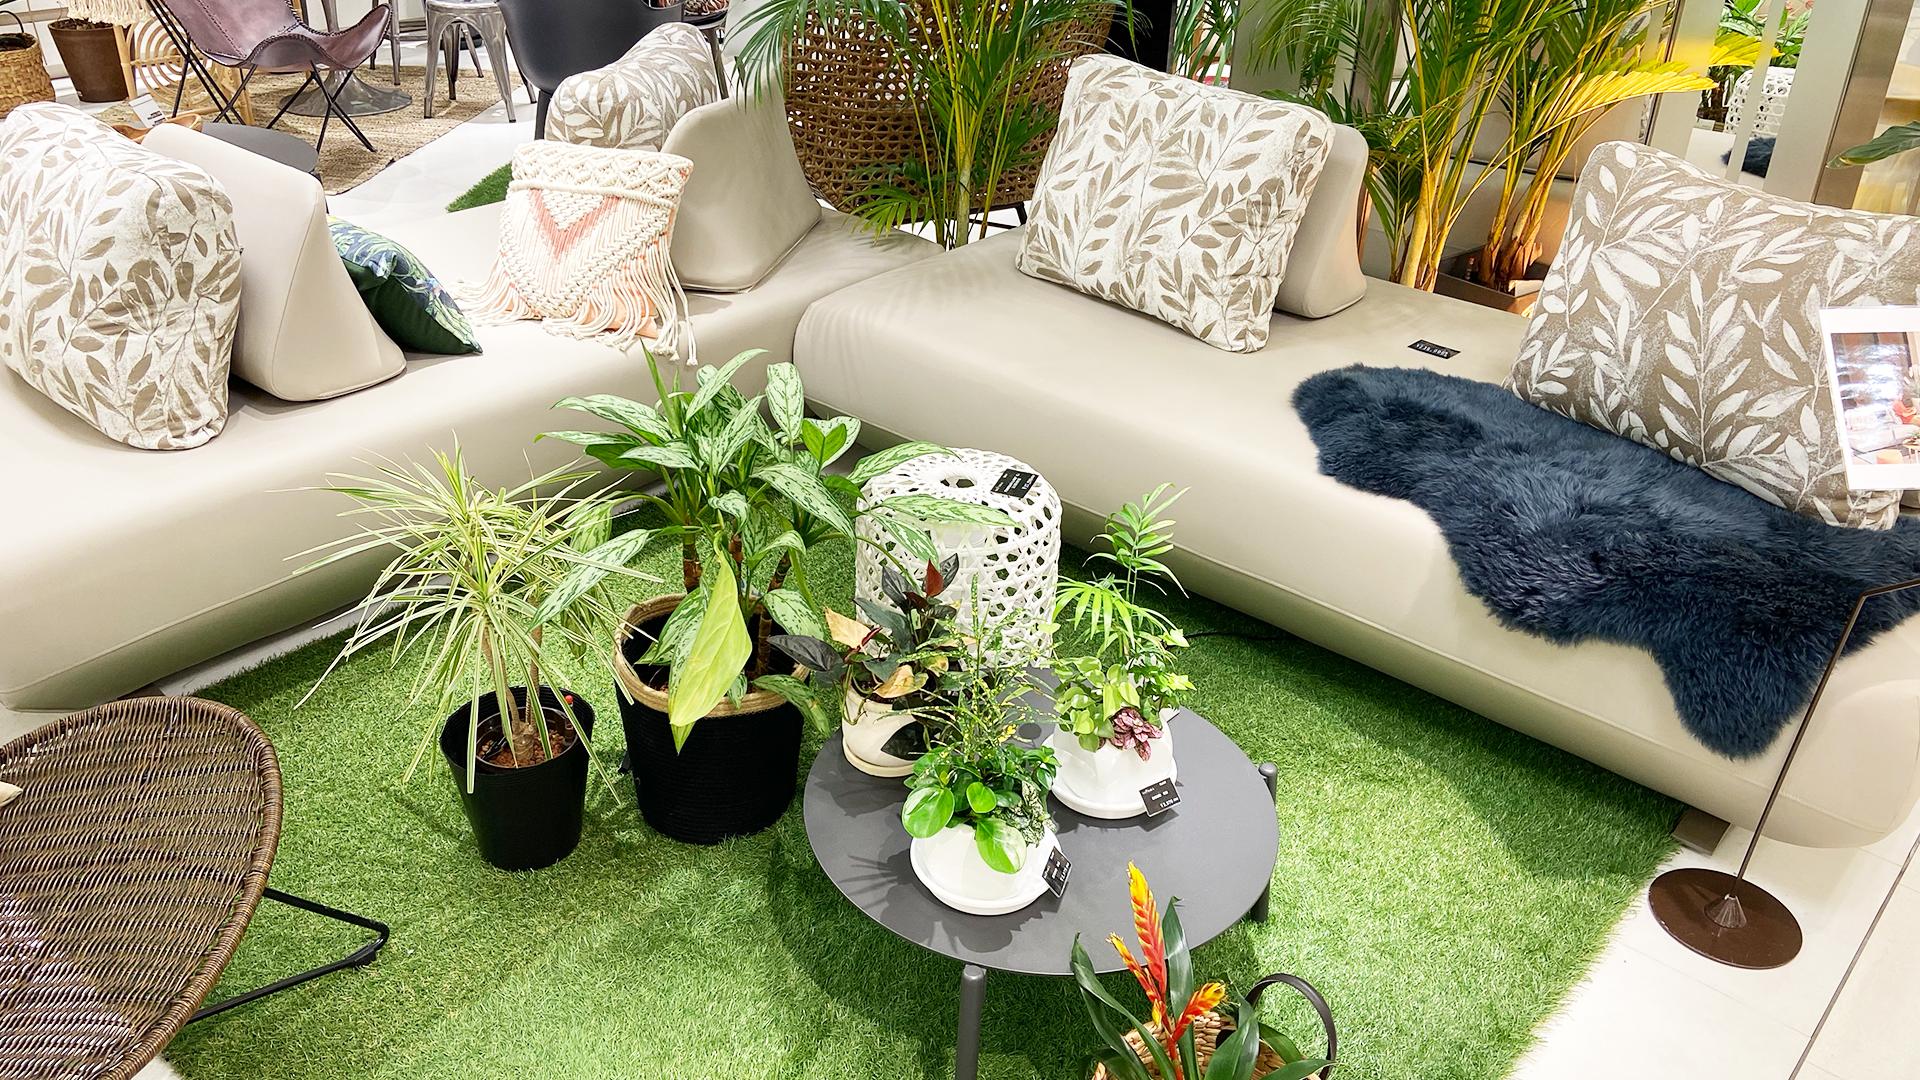 屋内外で使用可能なシリコンソファ。完全防水で耐久性に優れたソファ。